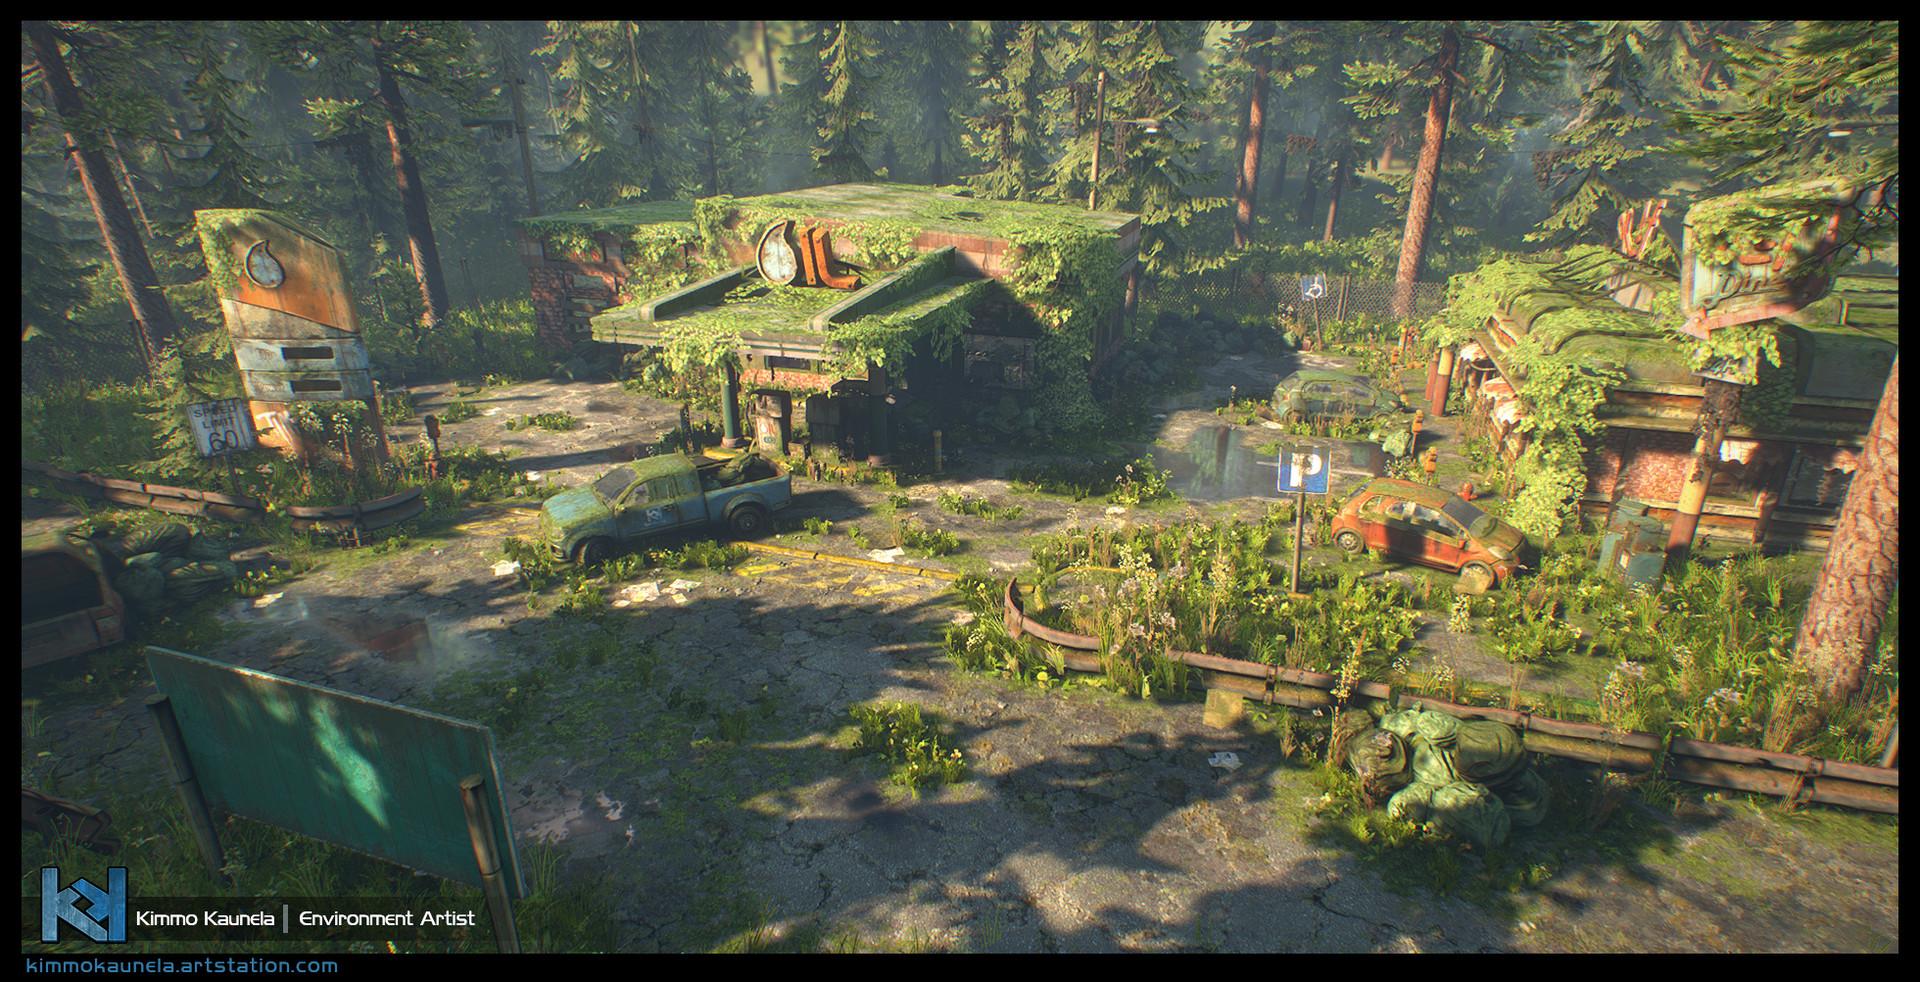 ArtStation - The Last Stop - Unreal Engine 4, Kimmo Kaunela